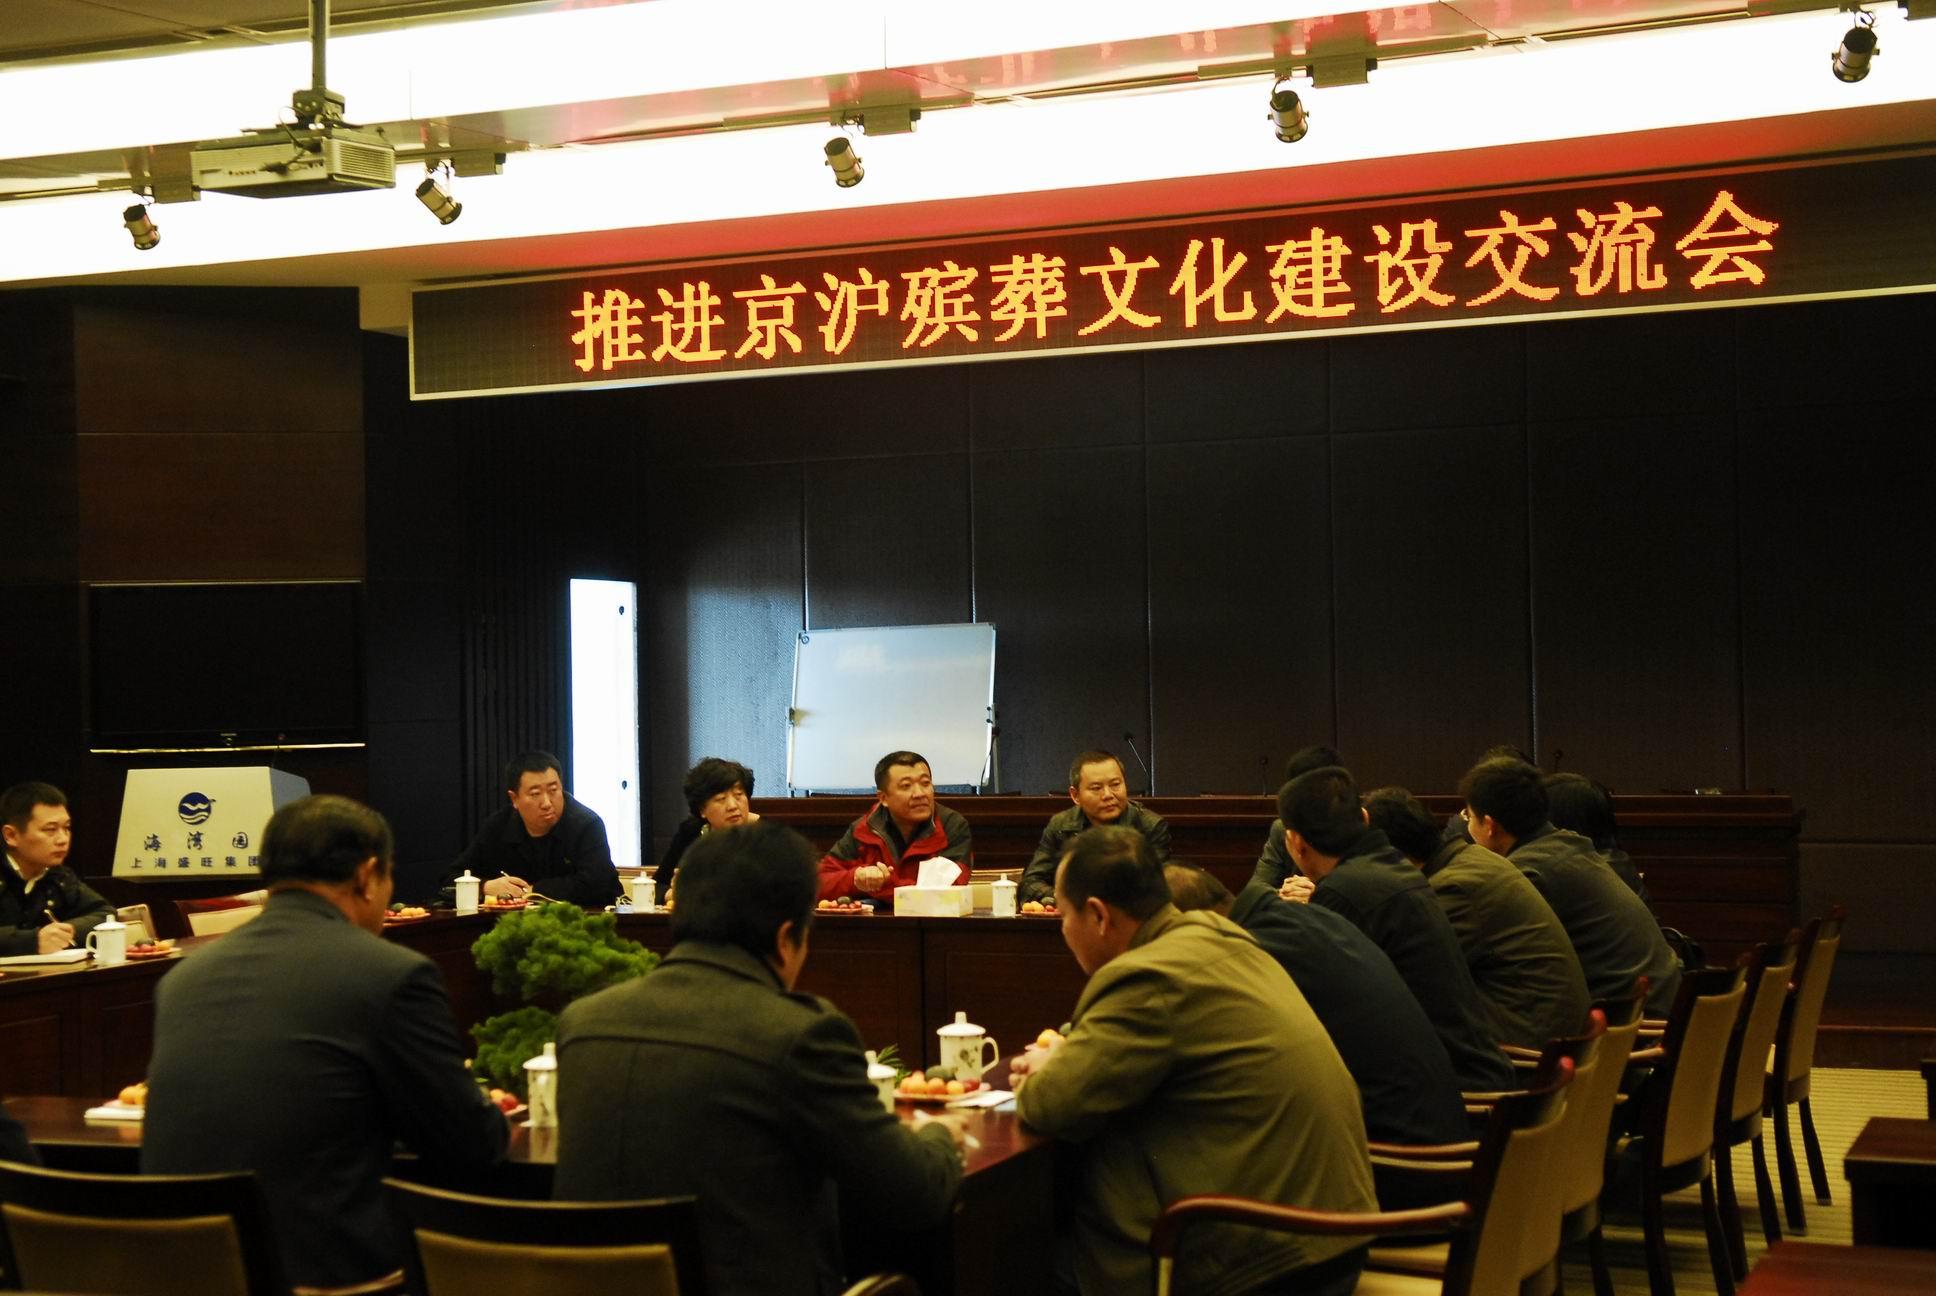 海湾园,北京同行,京沪殡葬文化发展经验交流活动